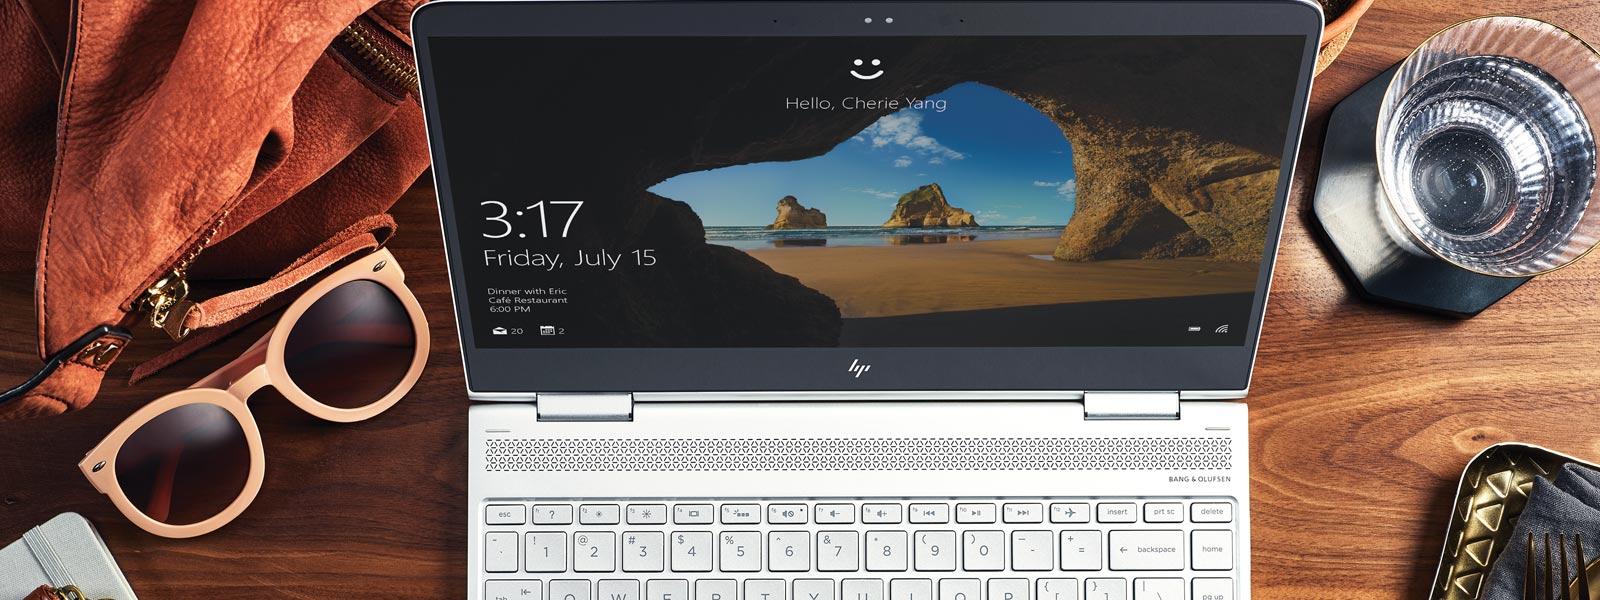 Ylhäältä kuvattu Windows 10 -laite työpöydällä